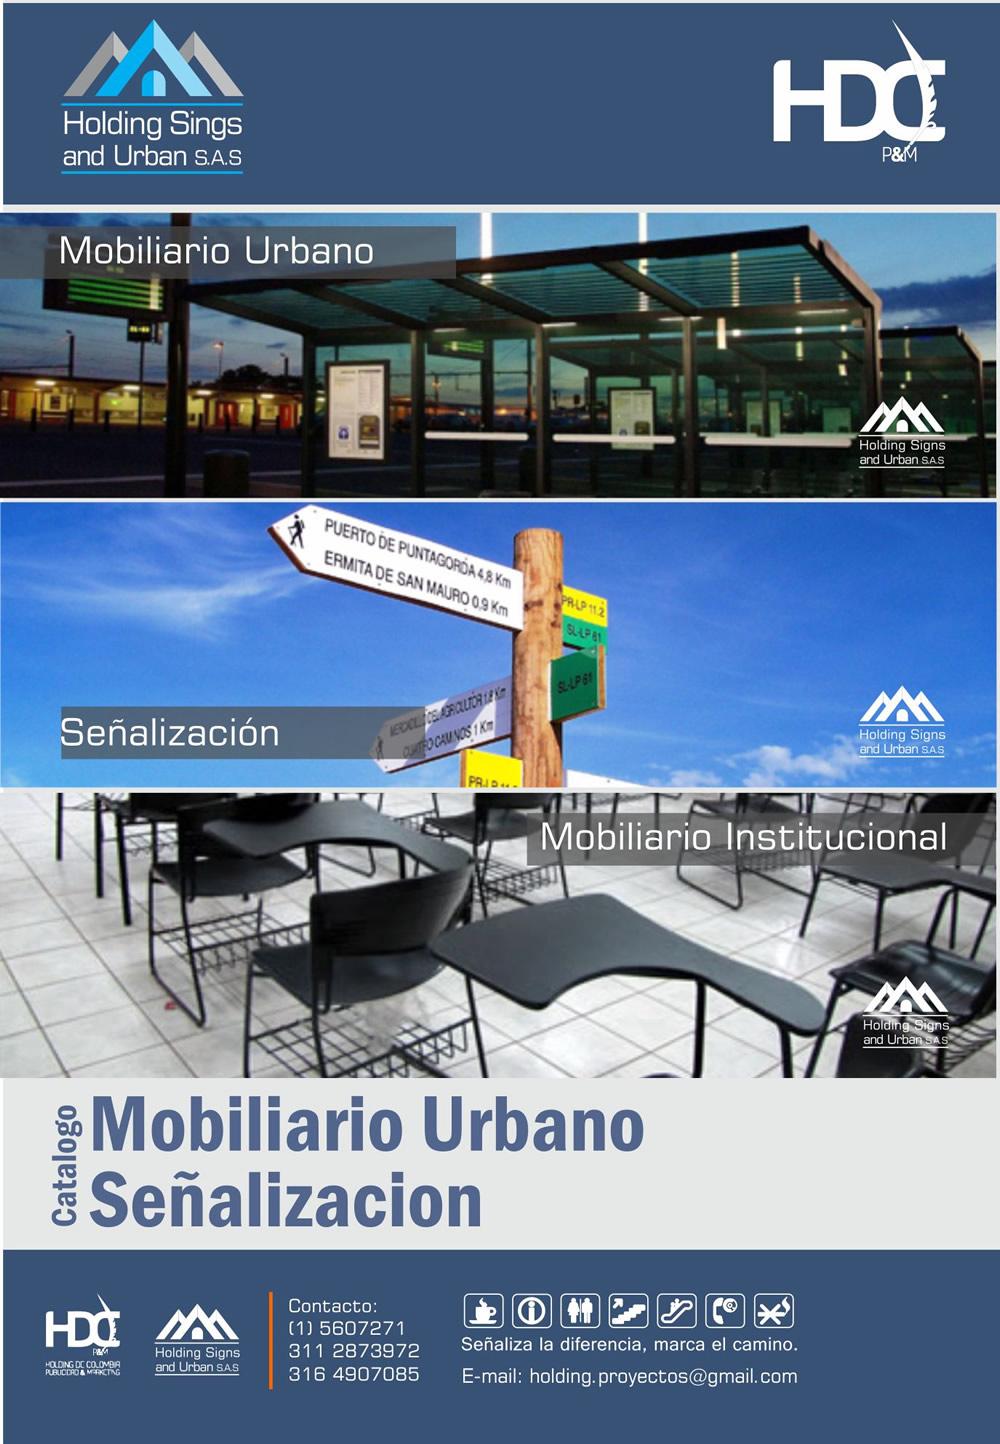 Mobiliario urbano & Señalizacion